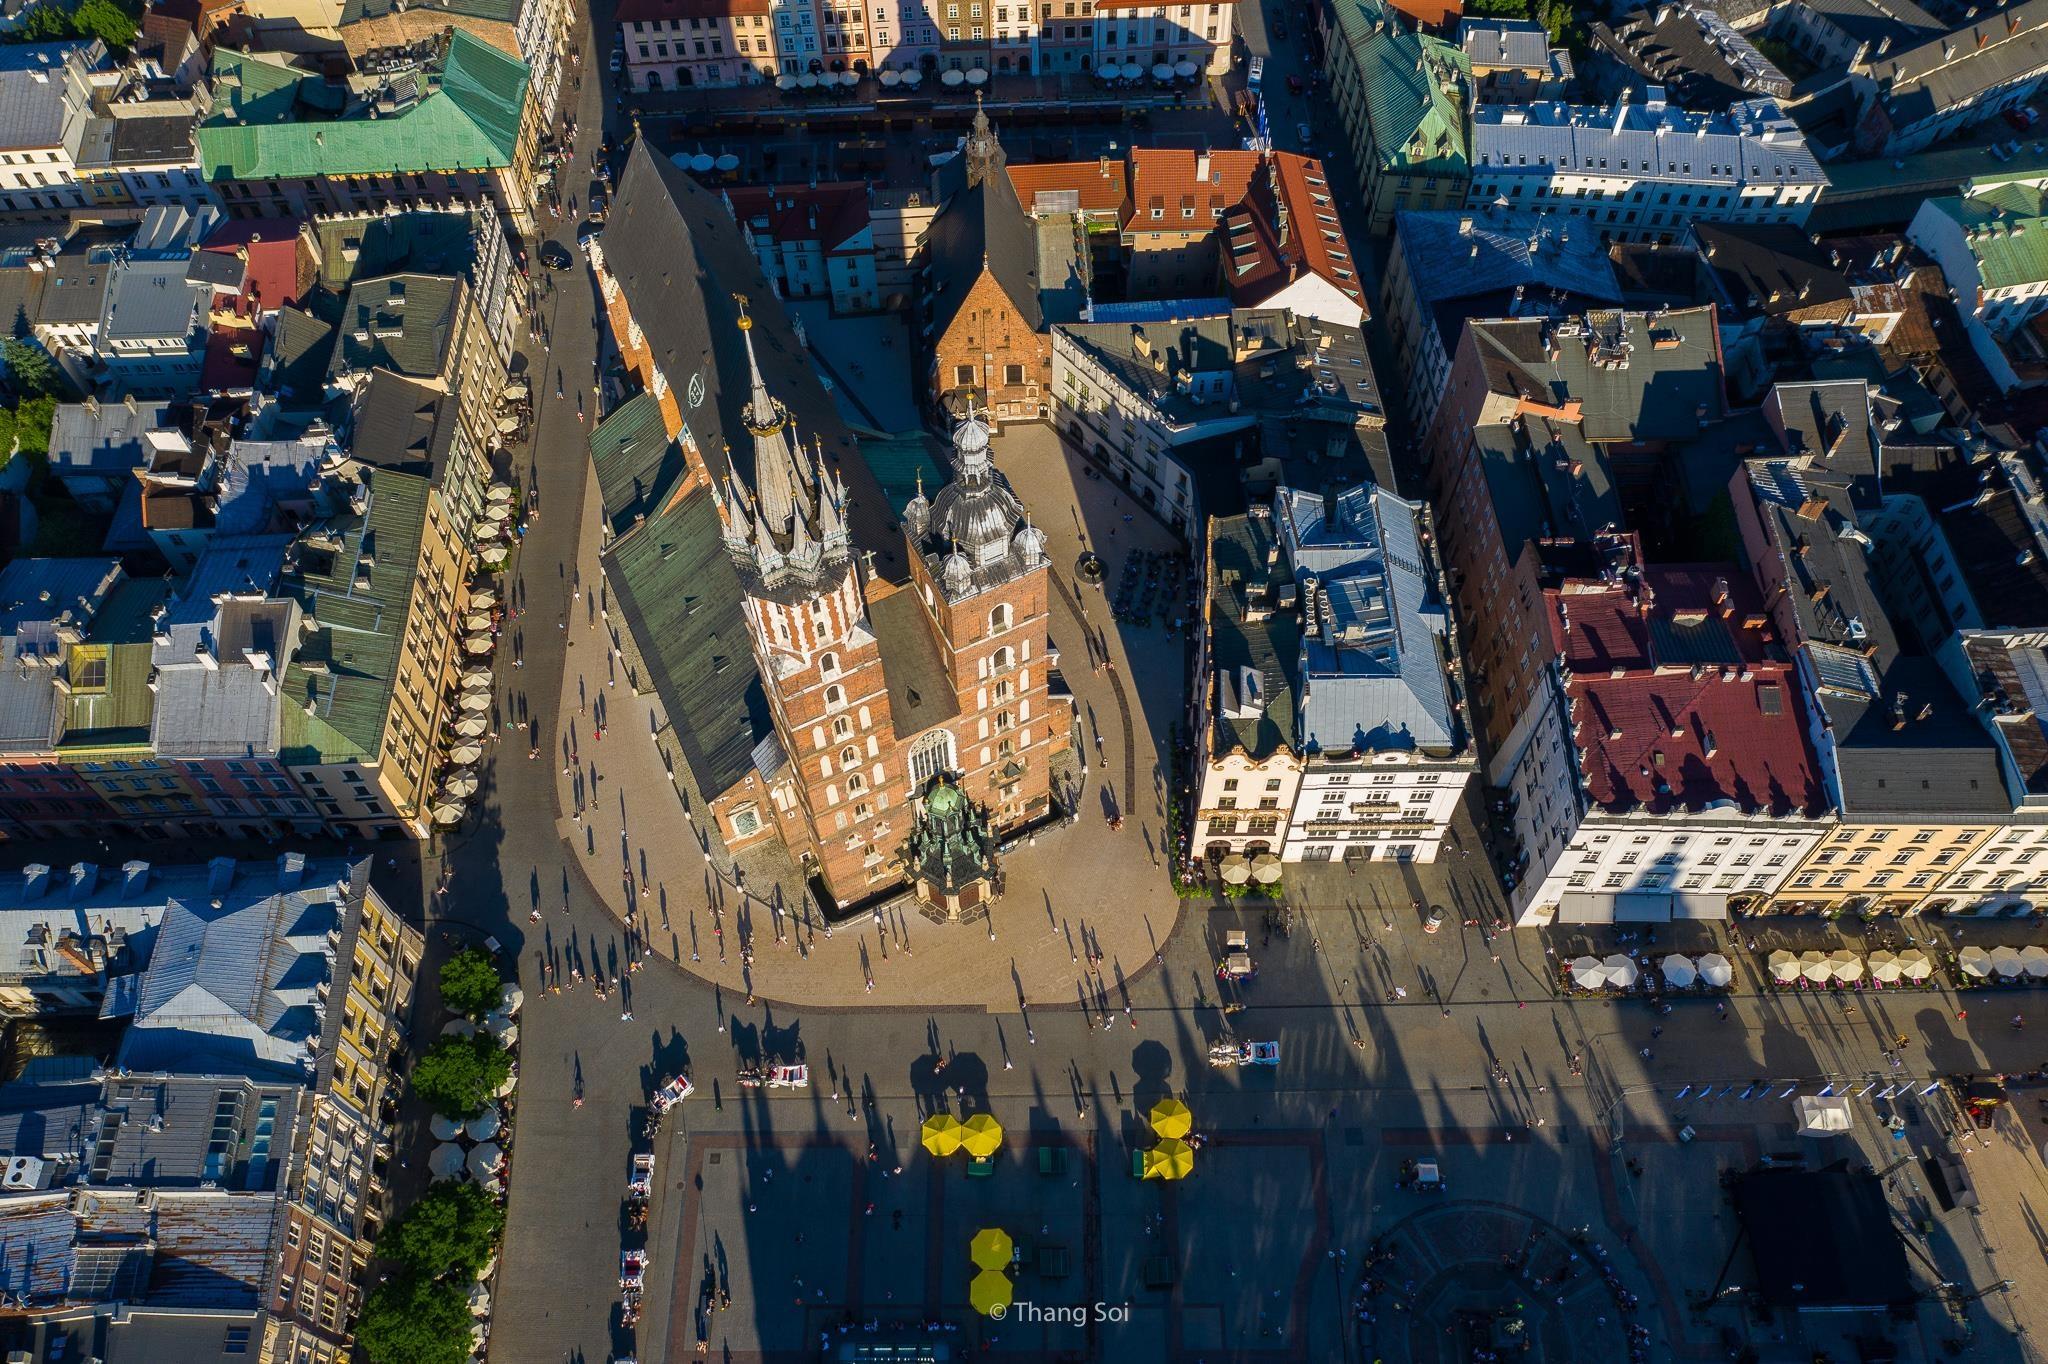 Krakow, kinh do co phai ghe tham khi den Ba Lan hinh anh 8